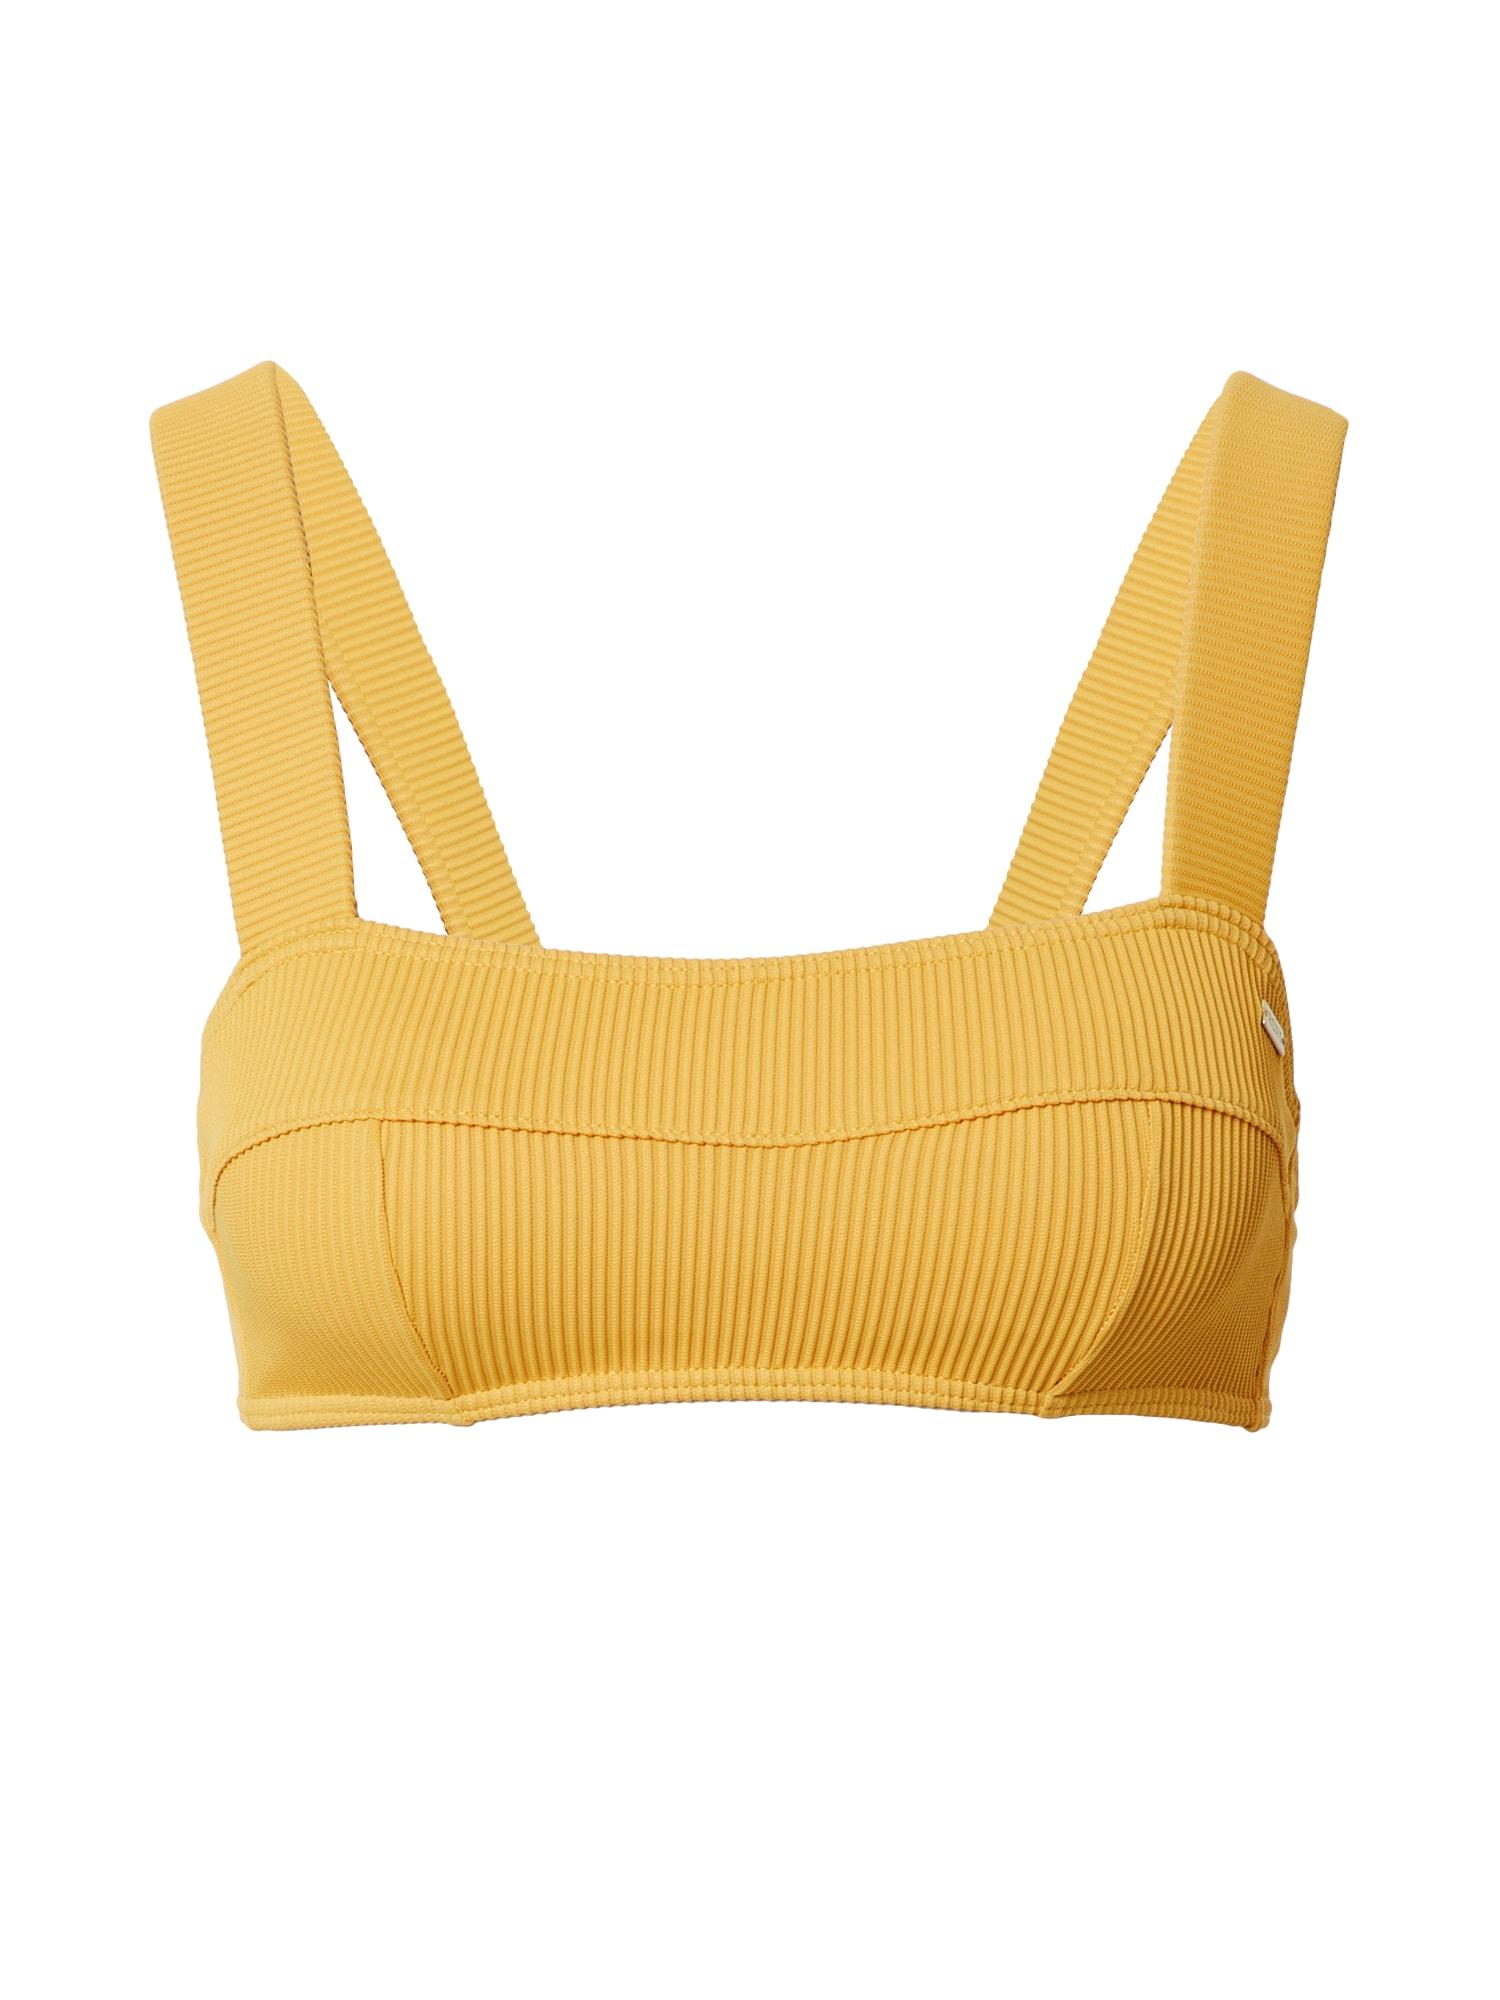 ROXY Bikinio viršutinė dalis aukso geltonumo spalva